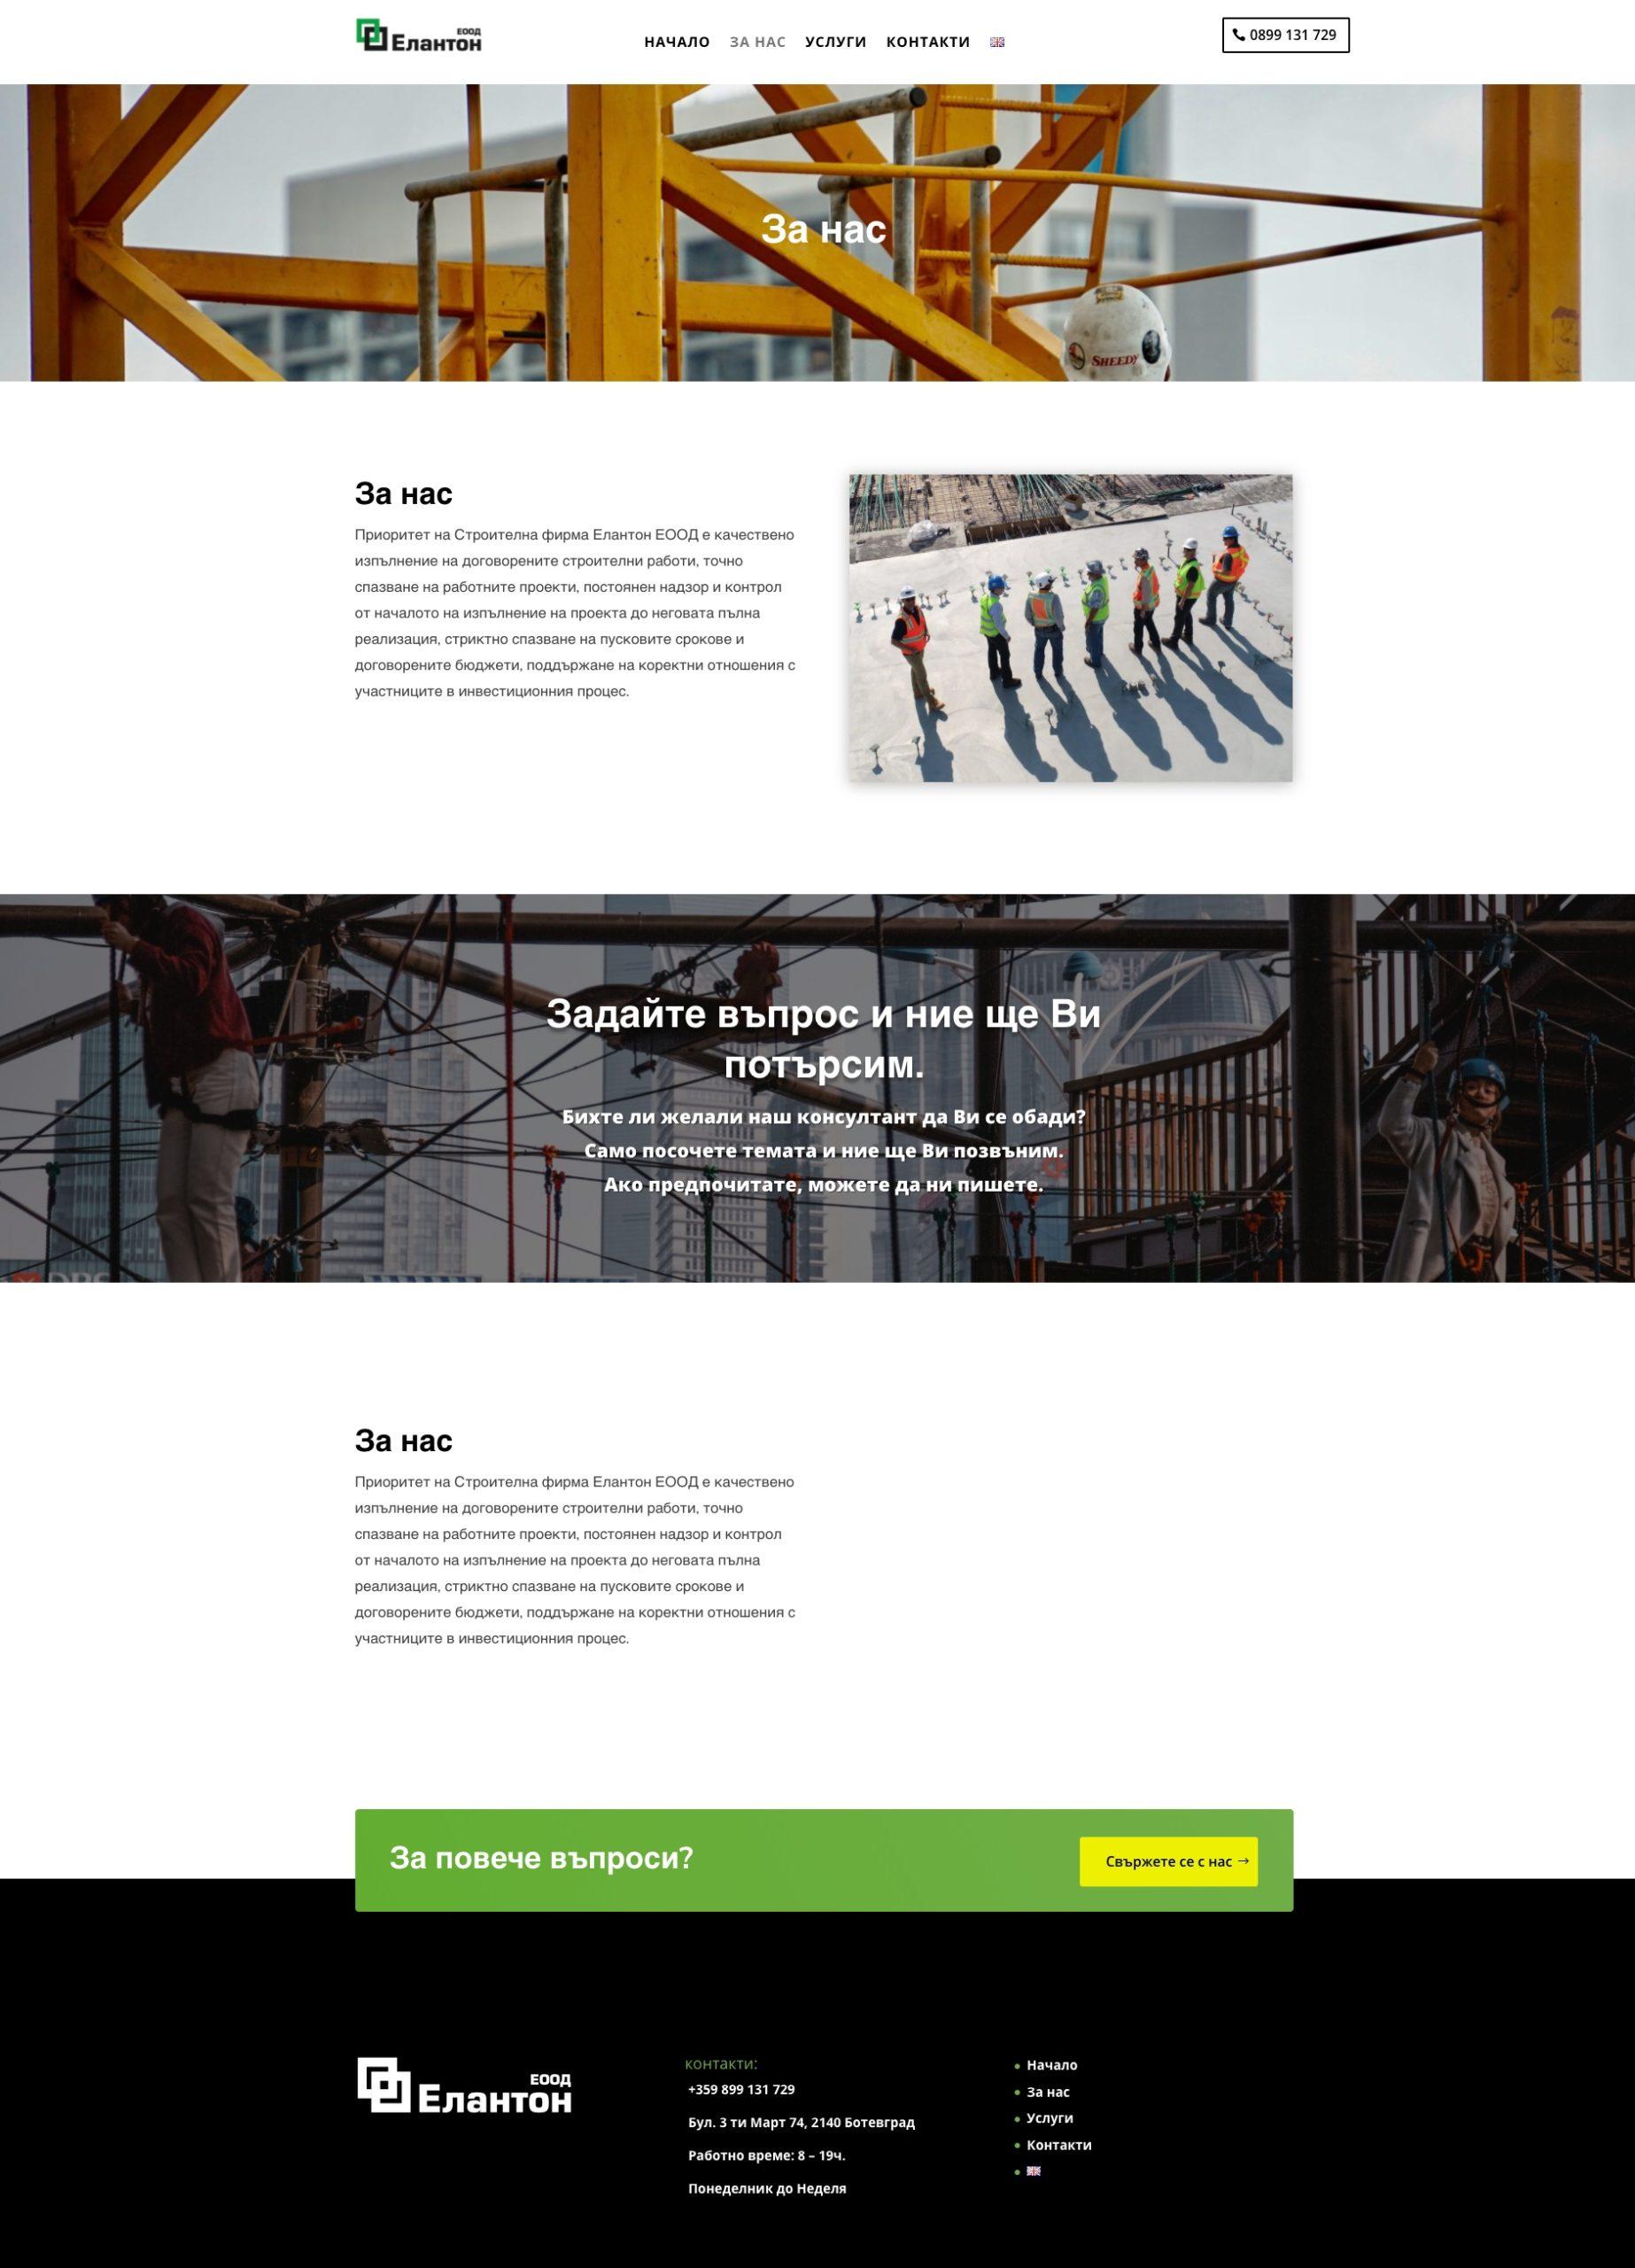 Referenz Webdesign Webseite